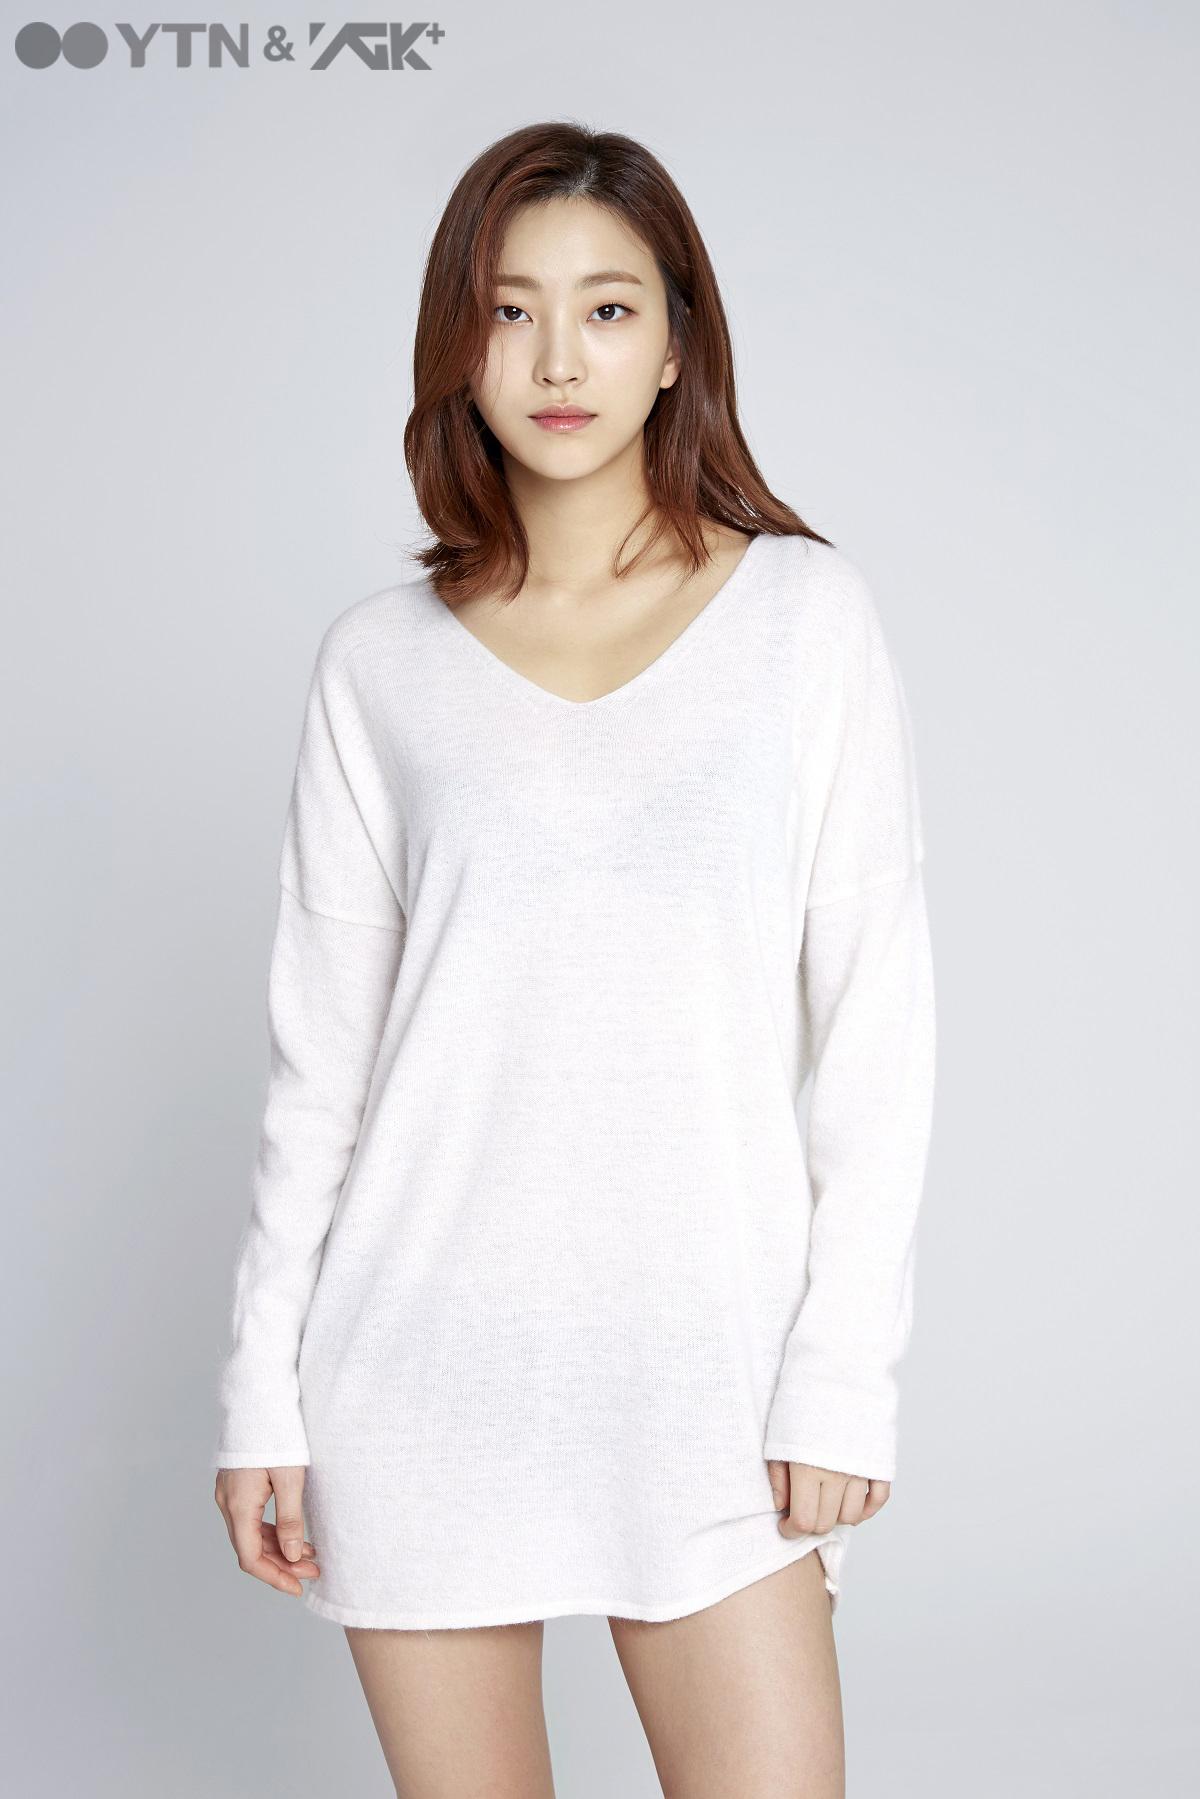 신스틸러 지이수, '캐리녀' 출연 확정! '열혈 기자'로 변신해 눈길